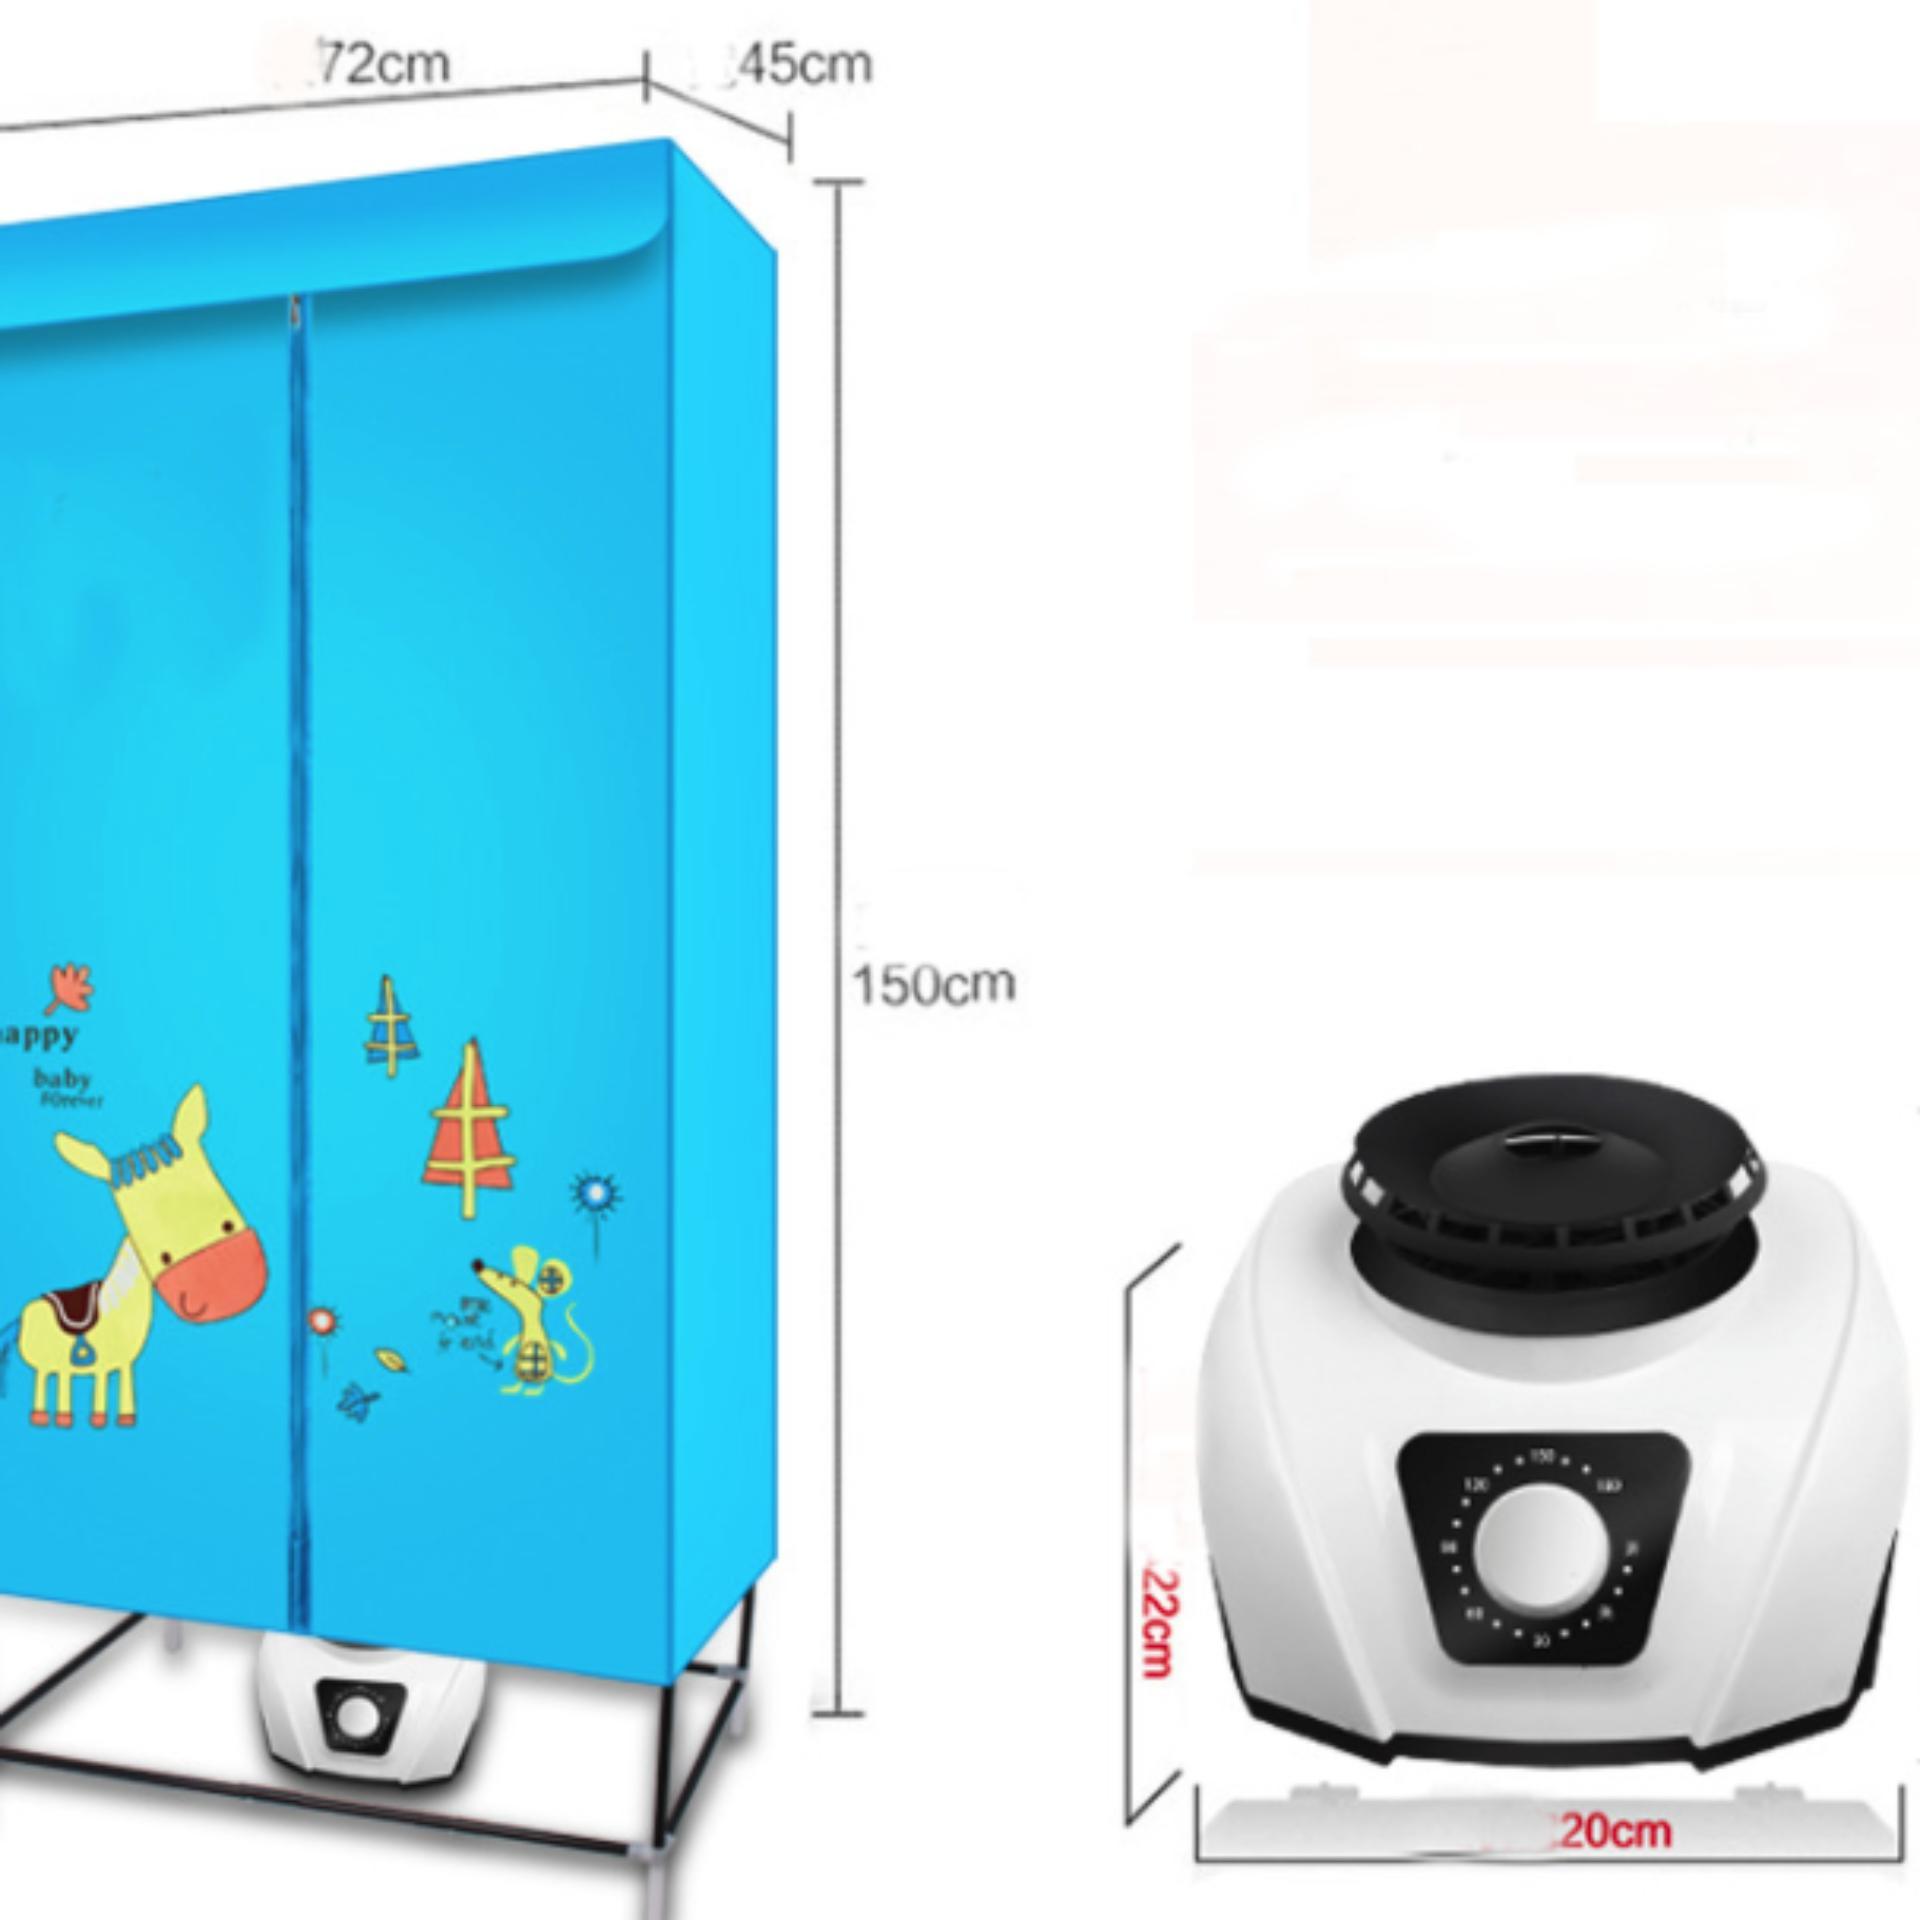 Tủ sấy quần áo Clothes Dryer công nghệ Hàn Quốc